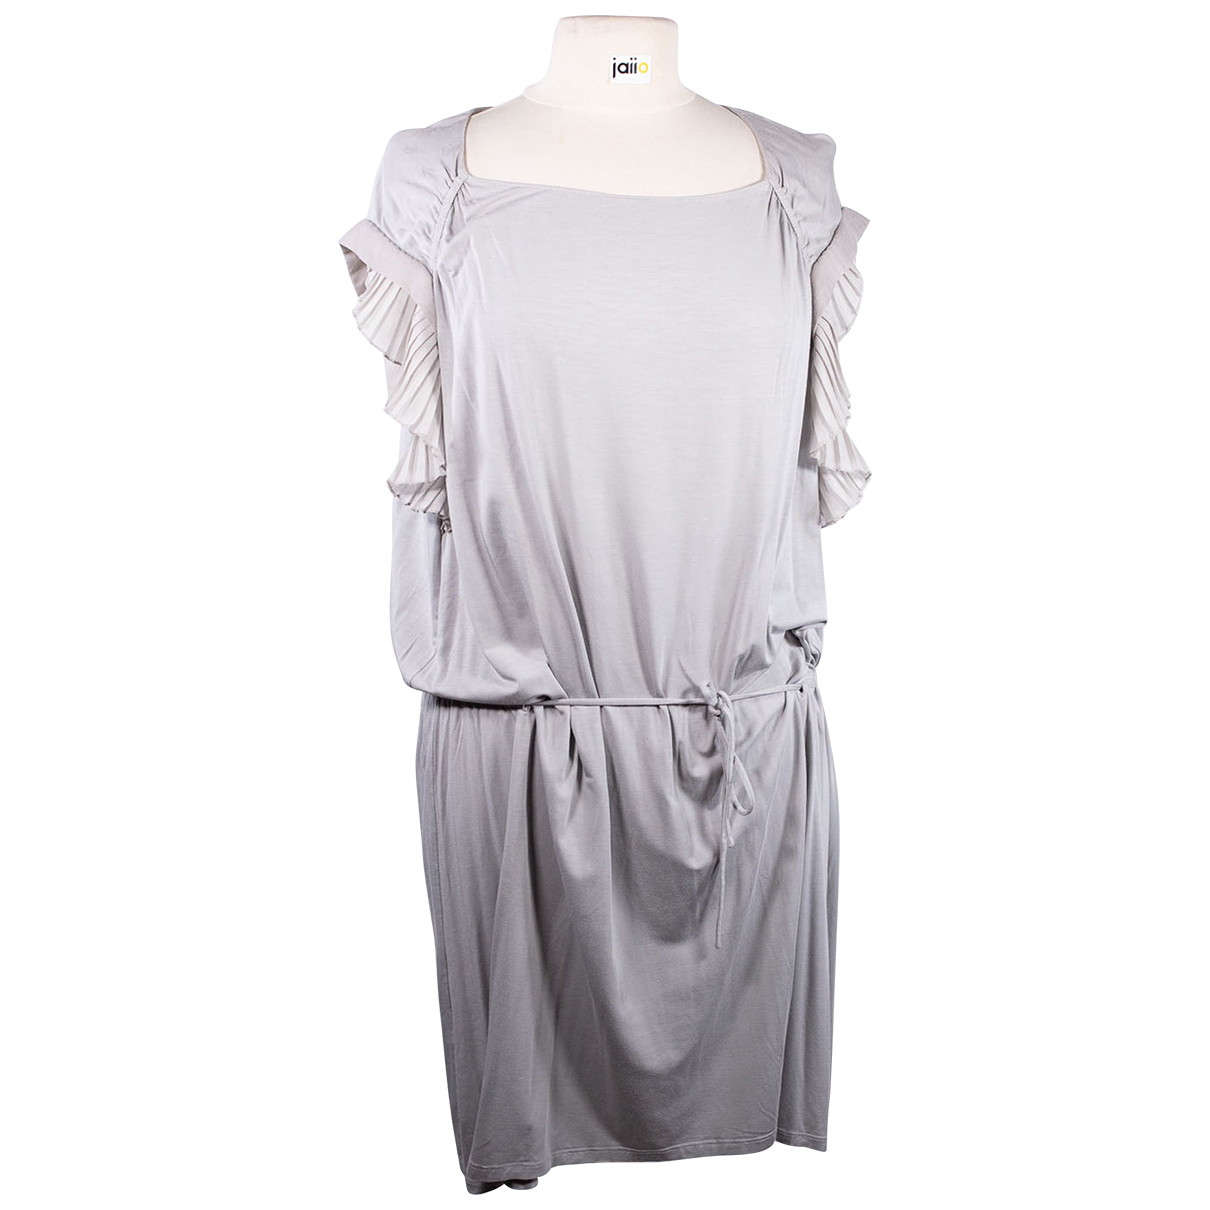 Ba&sh \N Kleid in  Blau Synthetik